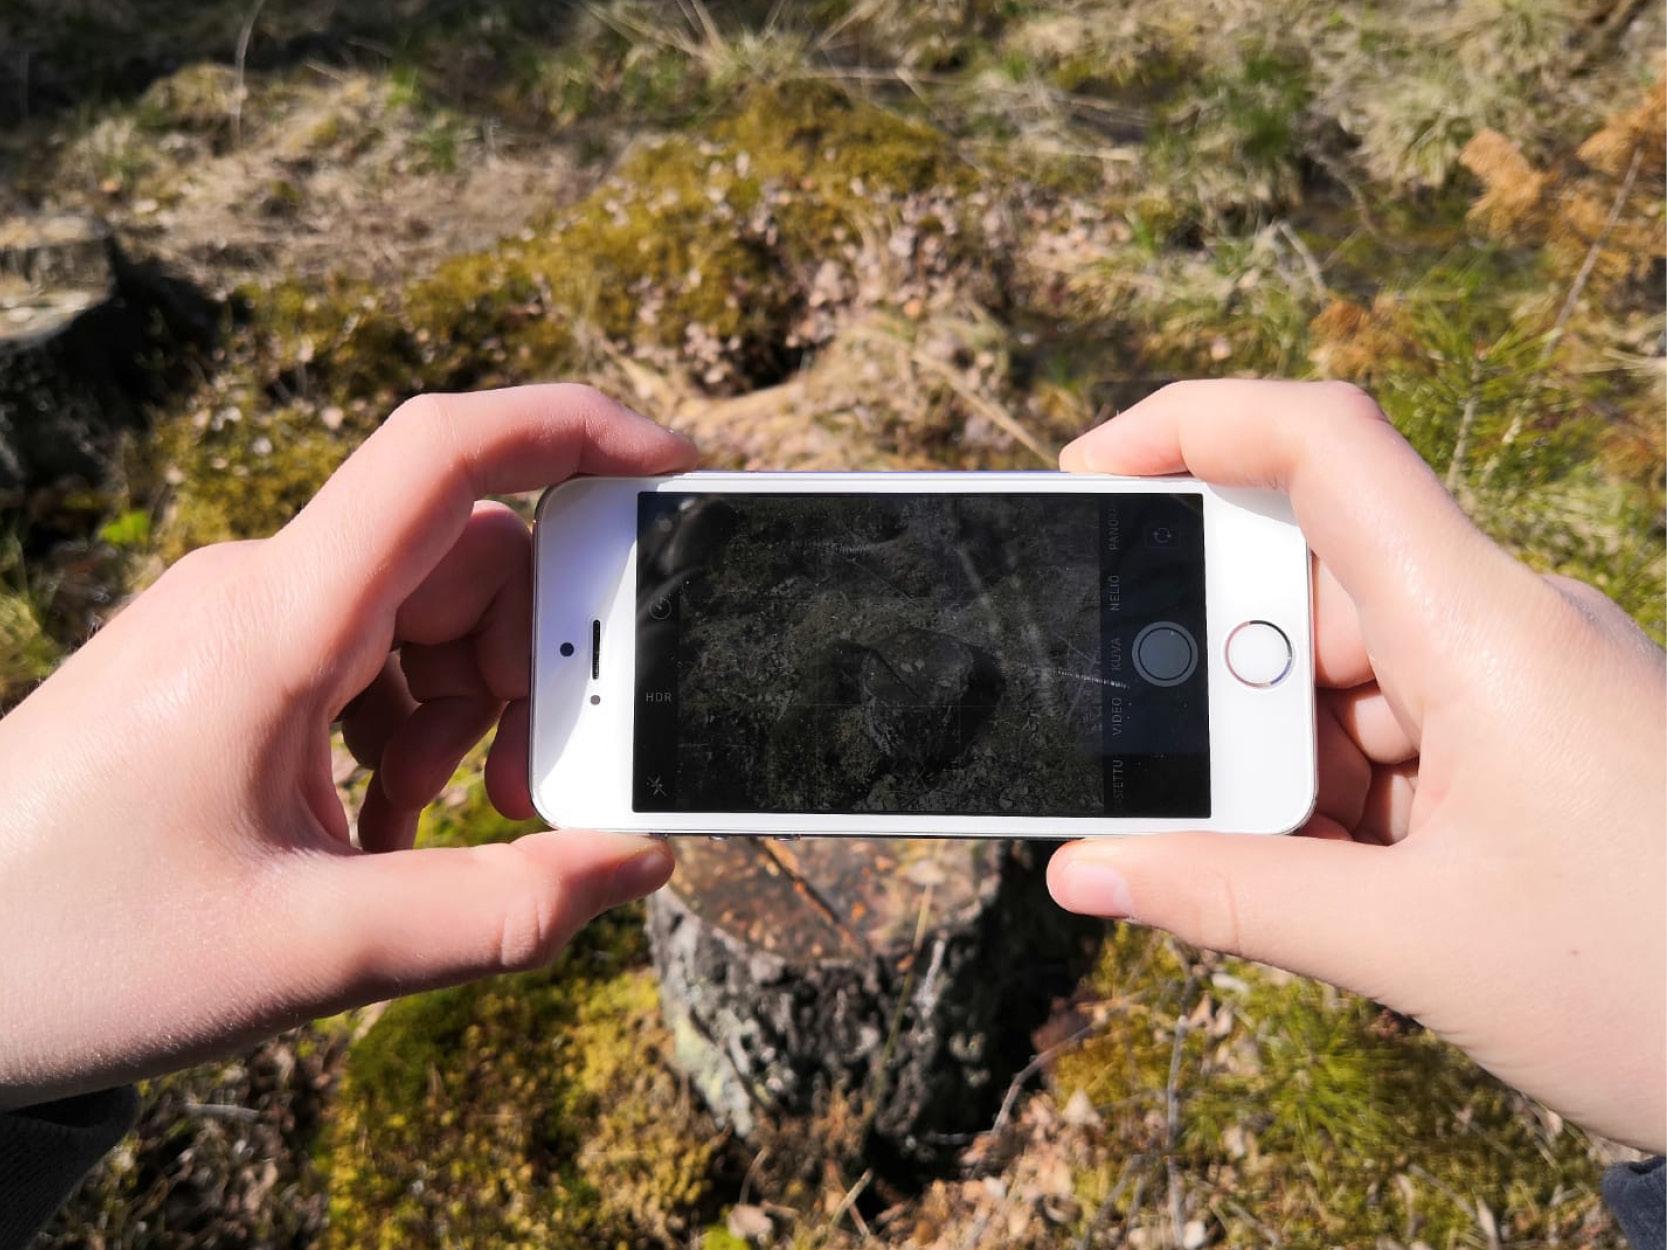 Fotografering i skogen med mobiltelefon